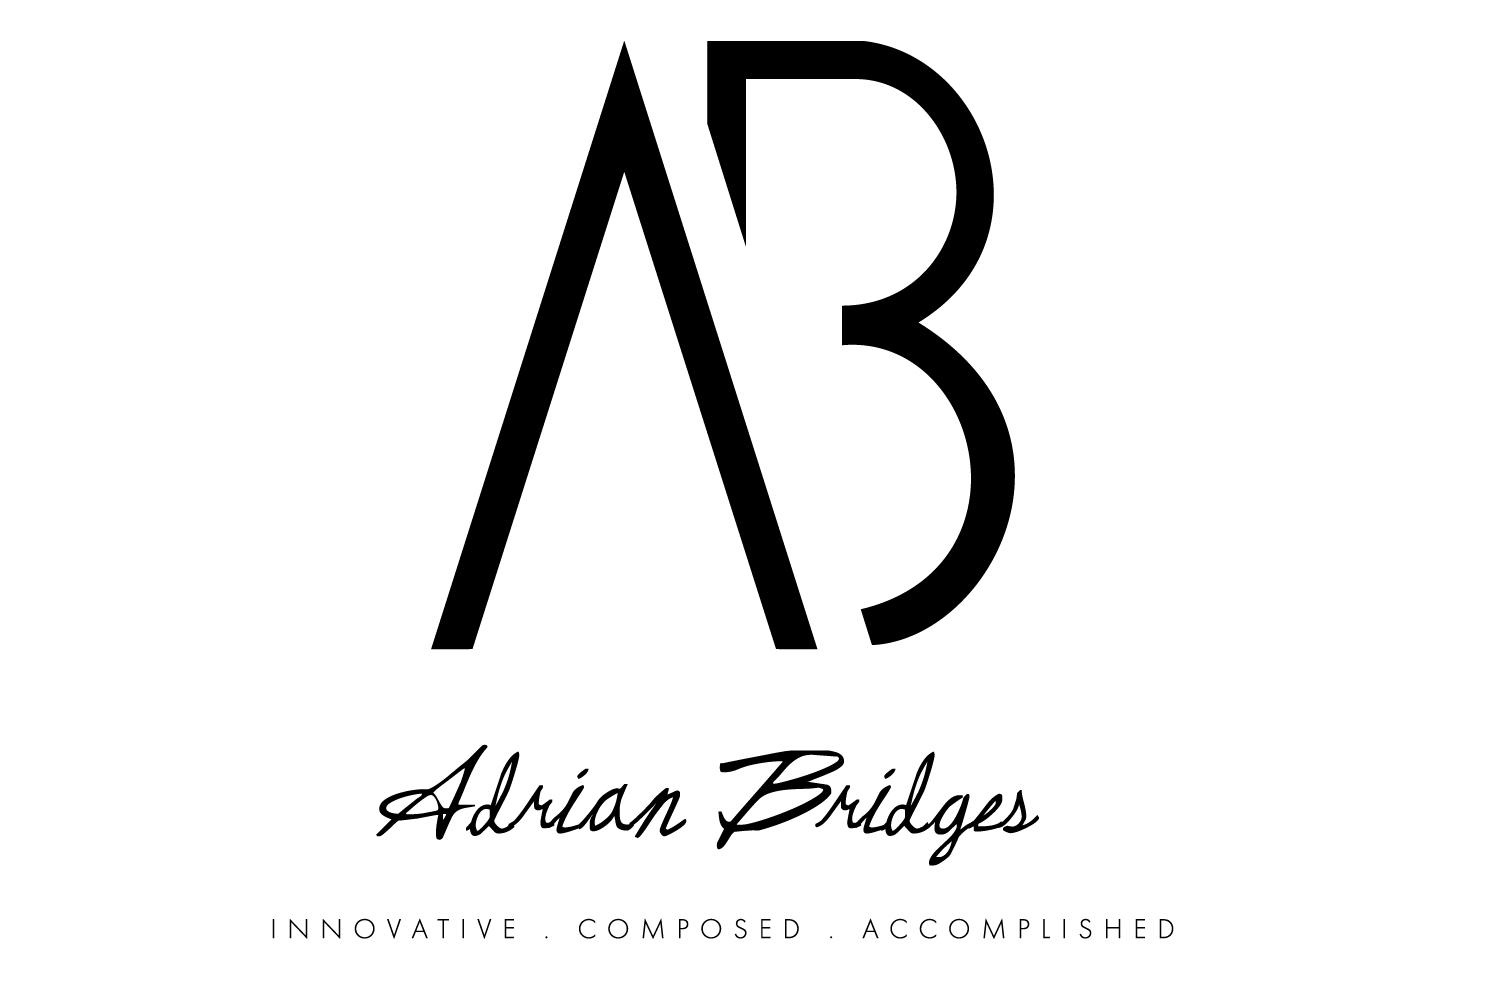 Adrian Bridges